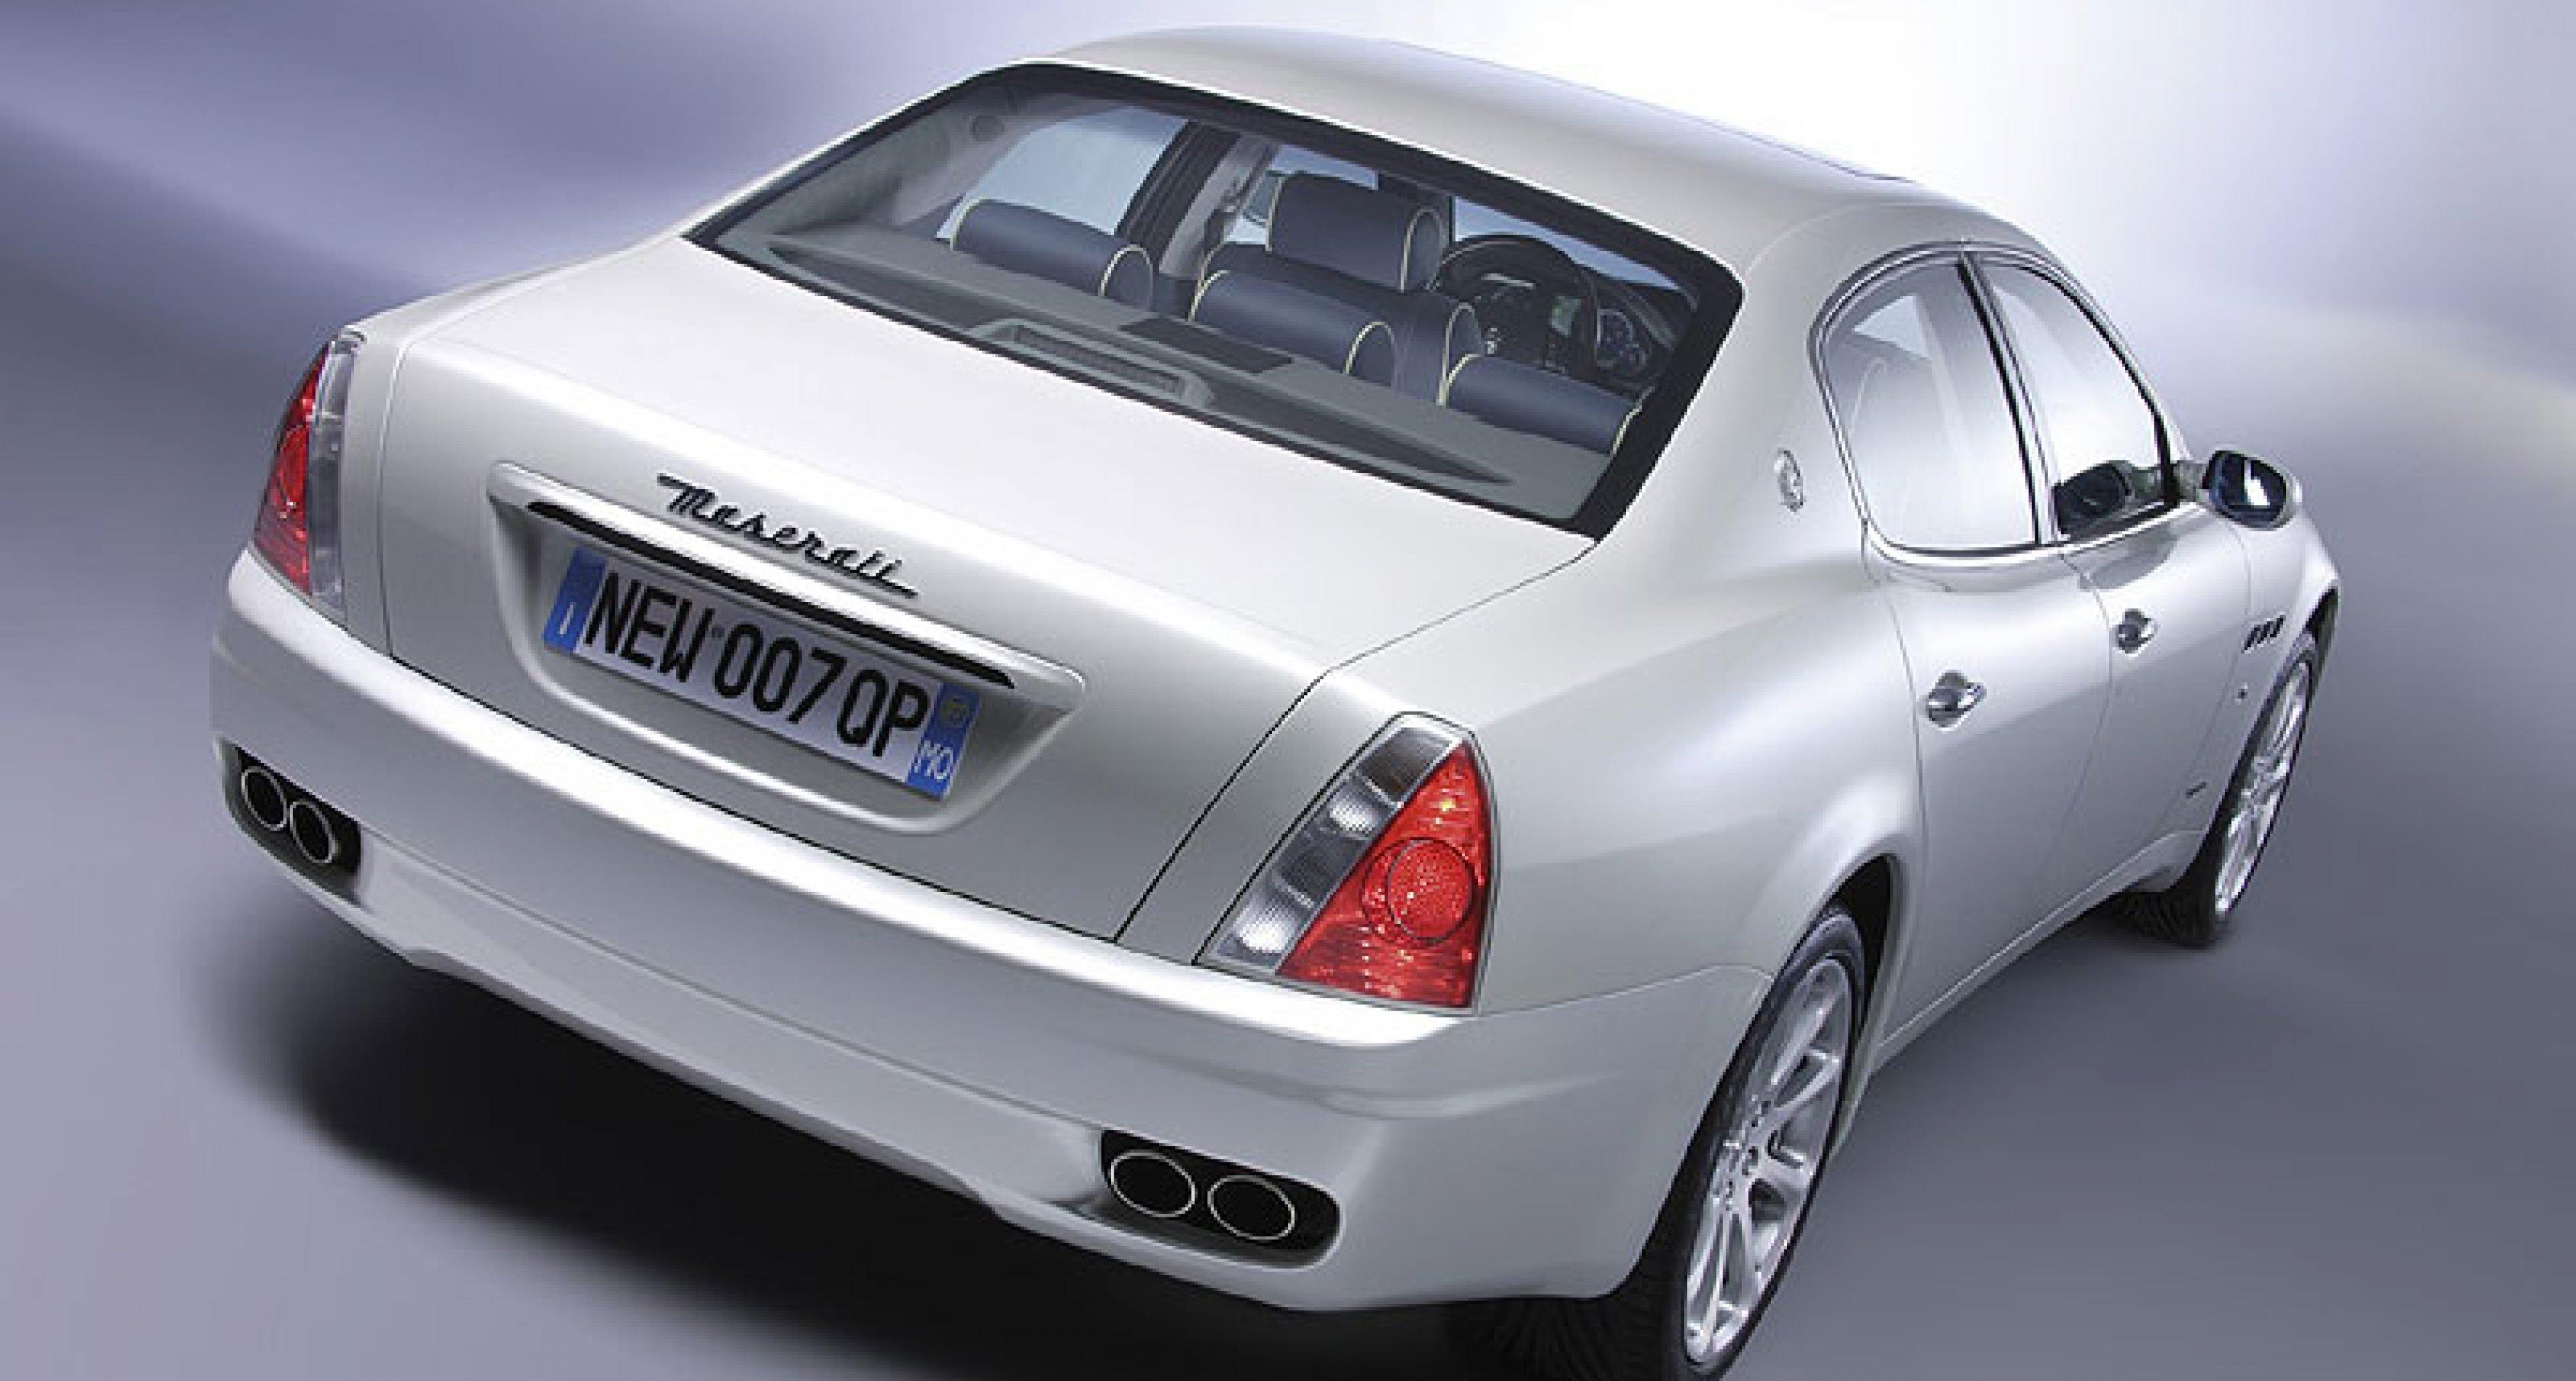 The Maserati Quattroporte Automatic